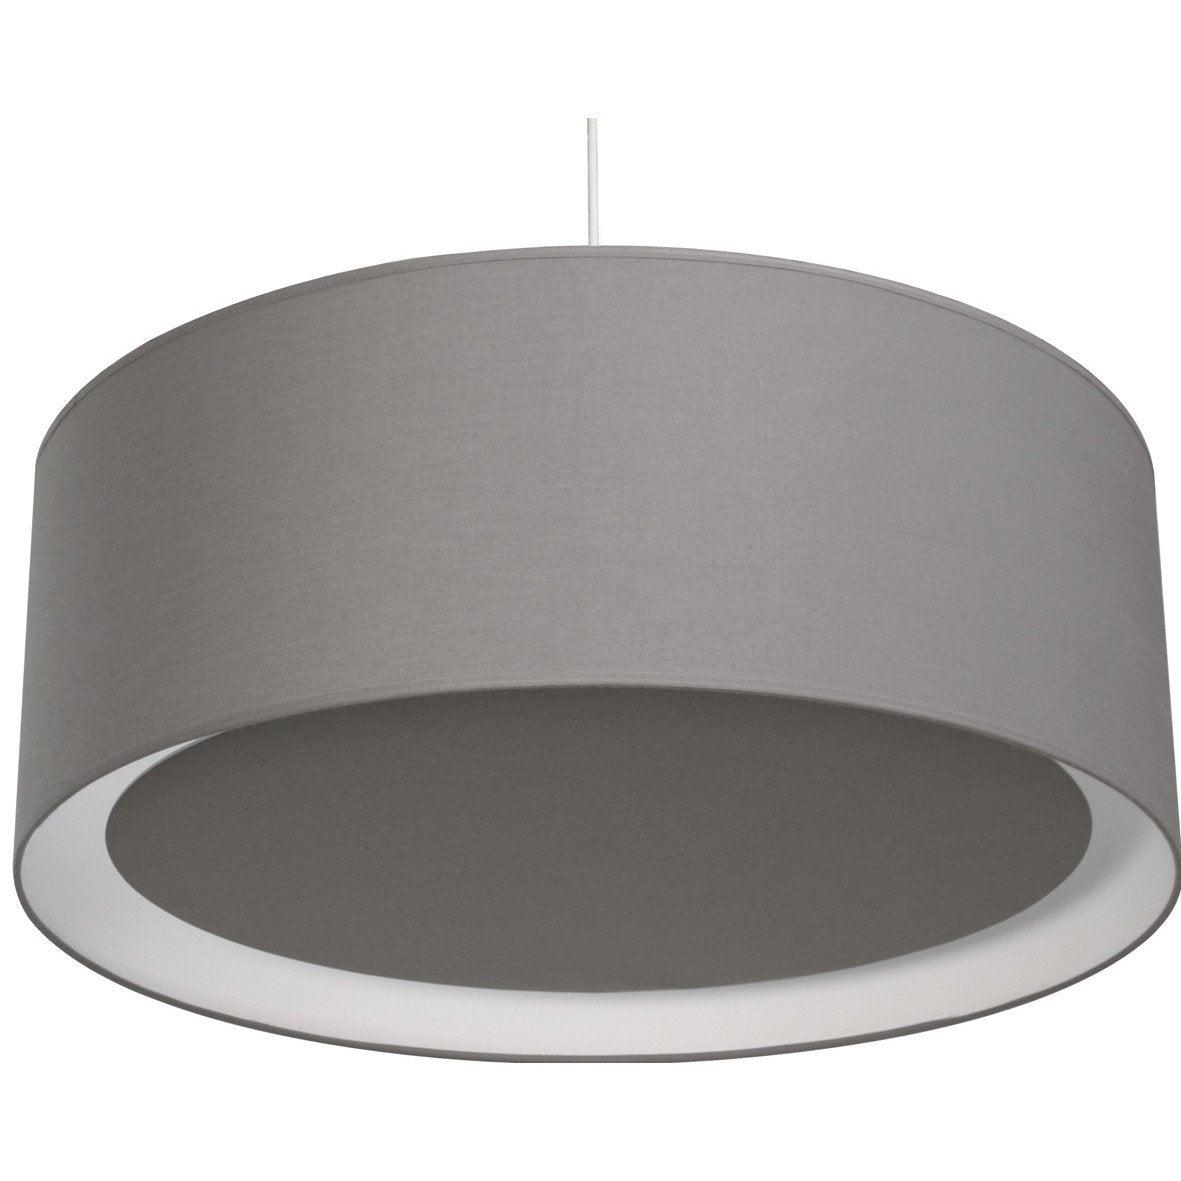 Moderne Gris W Coton Suspension Essentiel Luminaire Inspire Galet 1x60 E27 OP8wkn0X